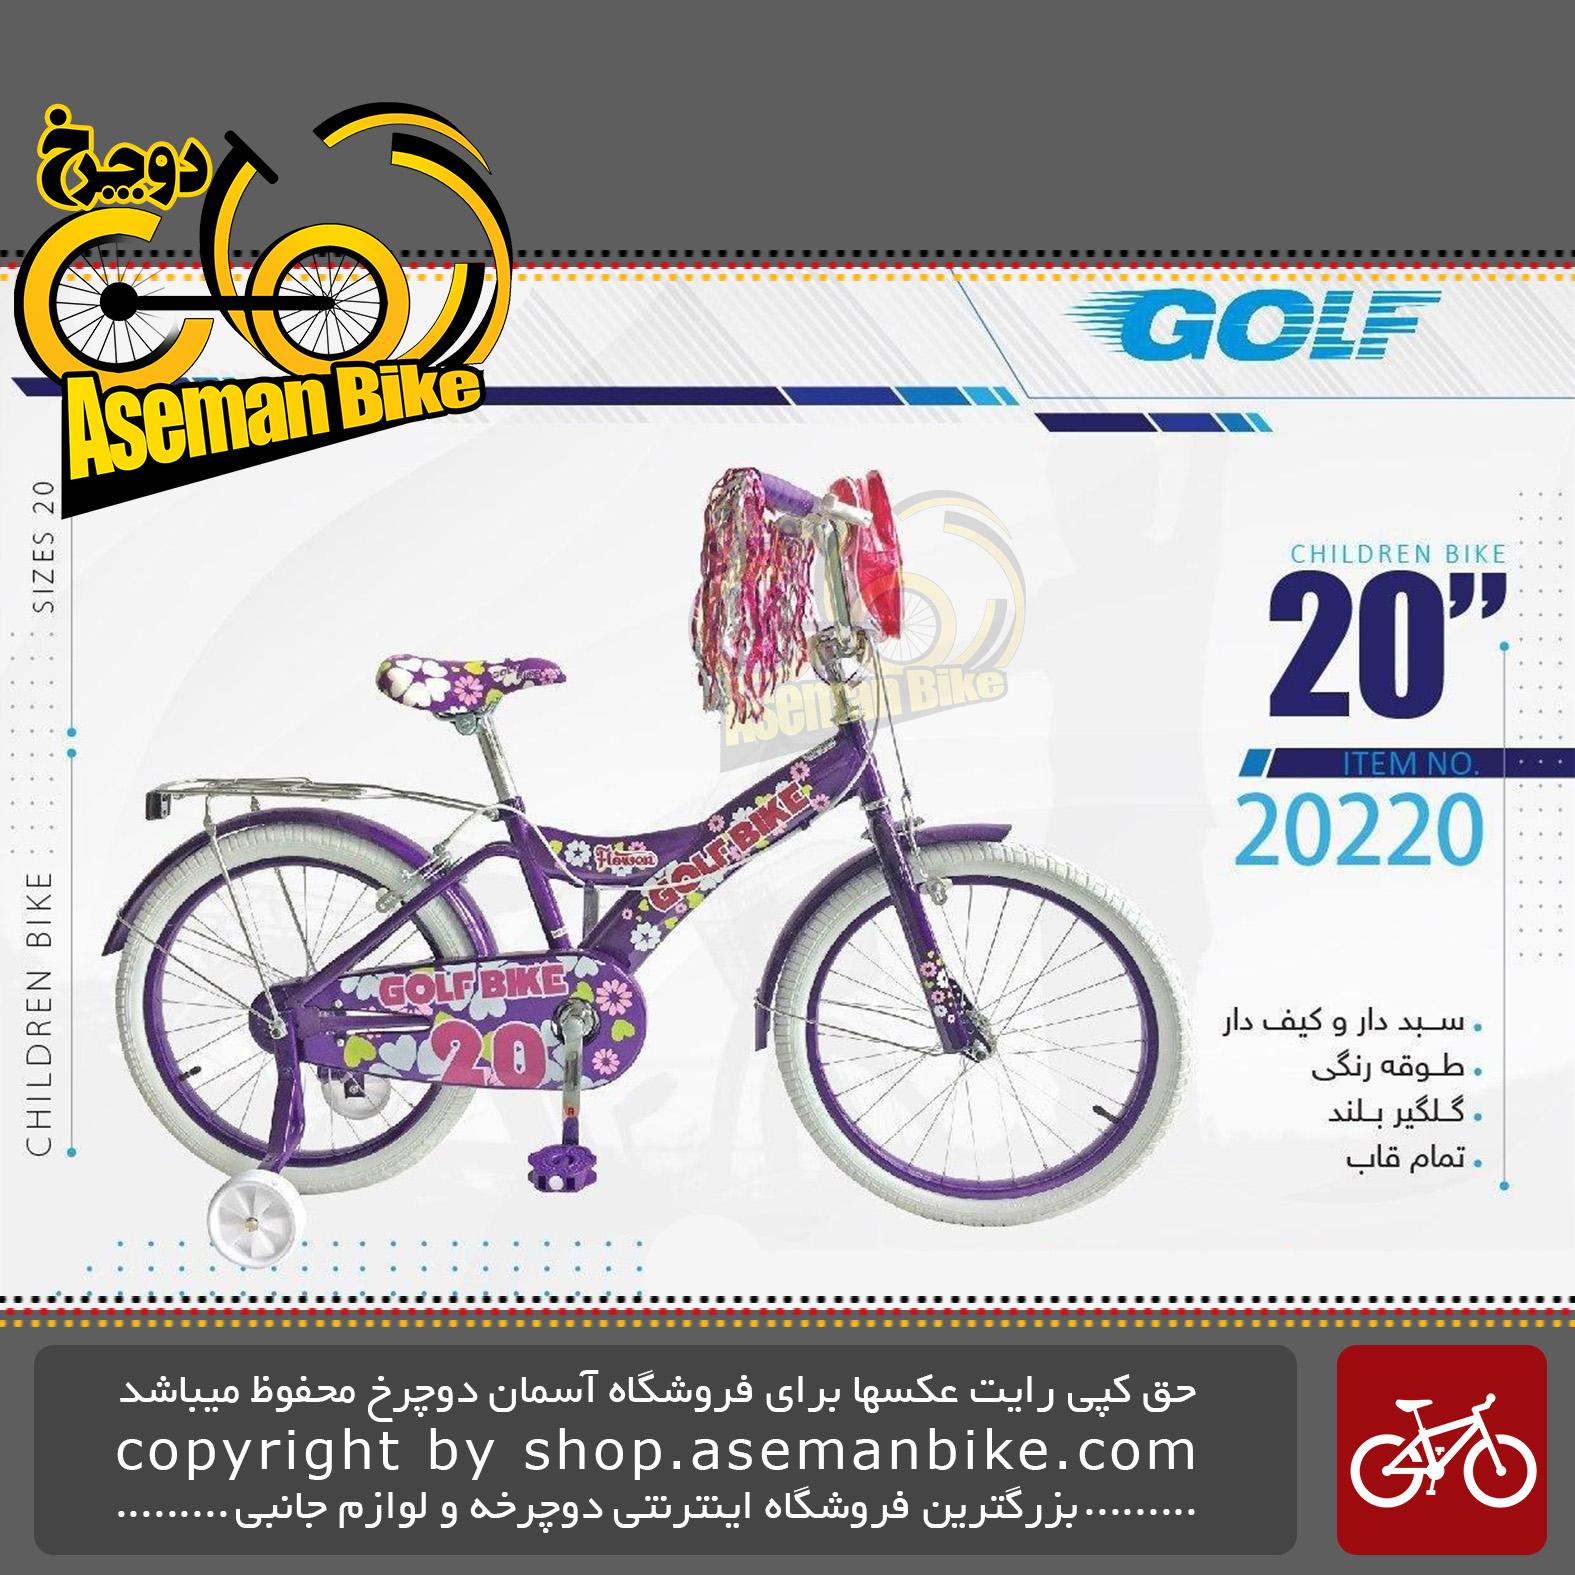 دوچرخه بچگانه گلف سایز 20 ترکبندار سبد دار مدل 20220 GOLF Bicycle Children Bike Size 20 Model 20220